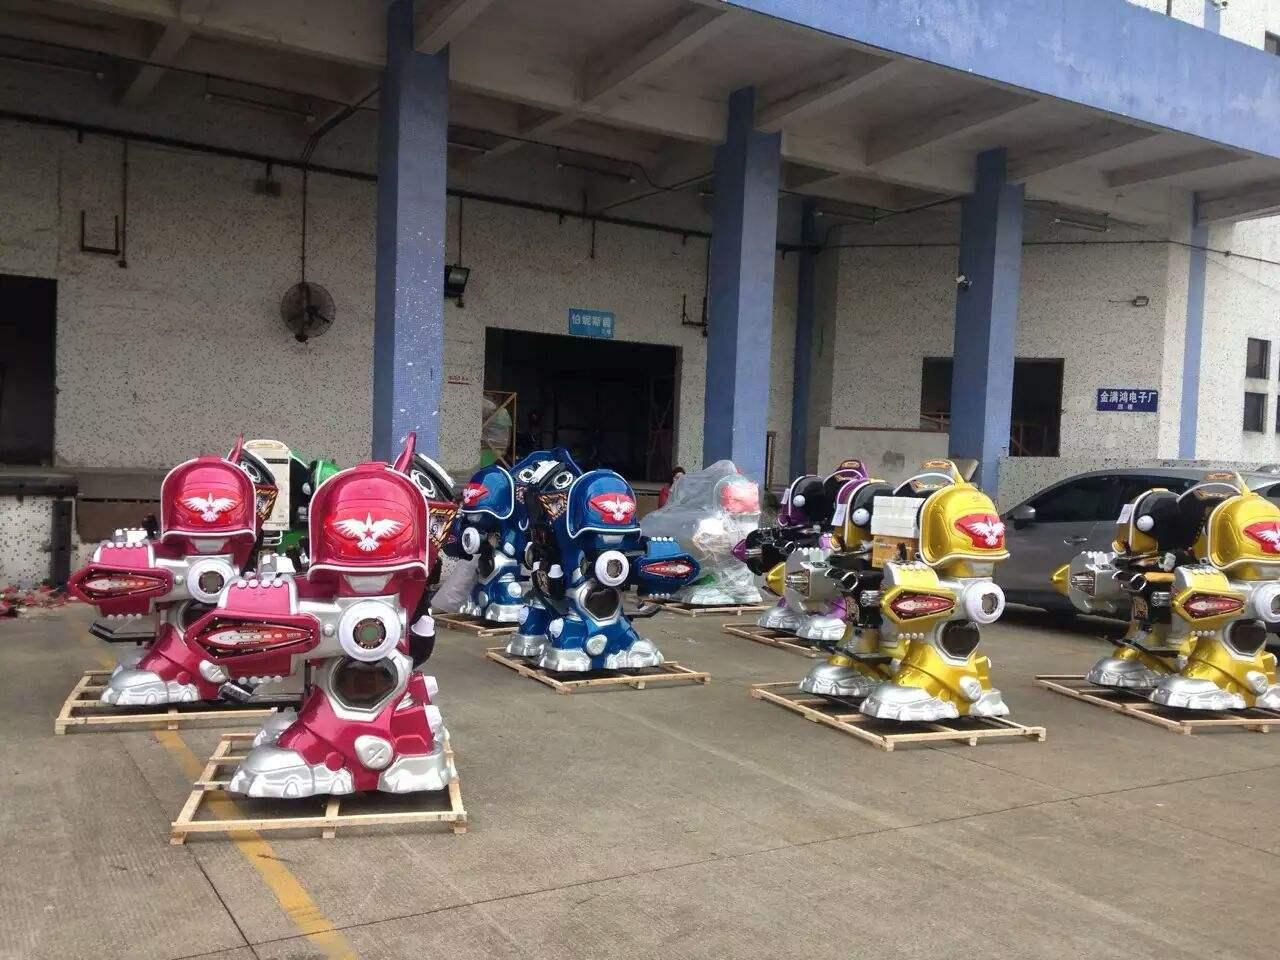 2020厂家直销现货供应广场游乐战火金刚销售火爆儿童战火金刚机器人示例图13